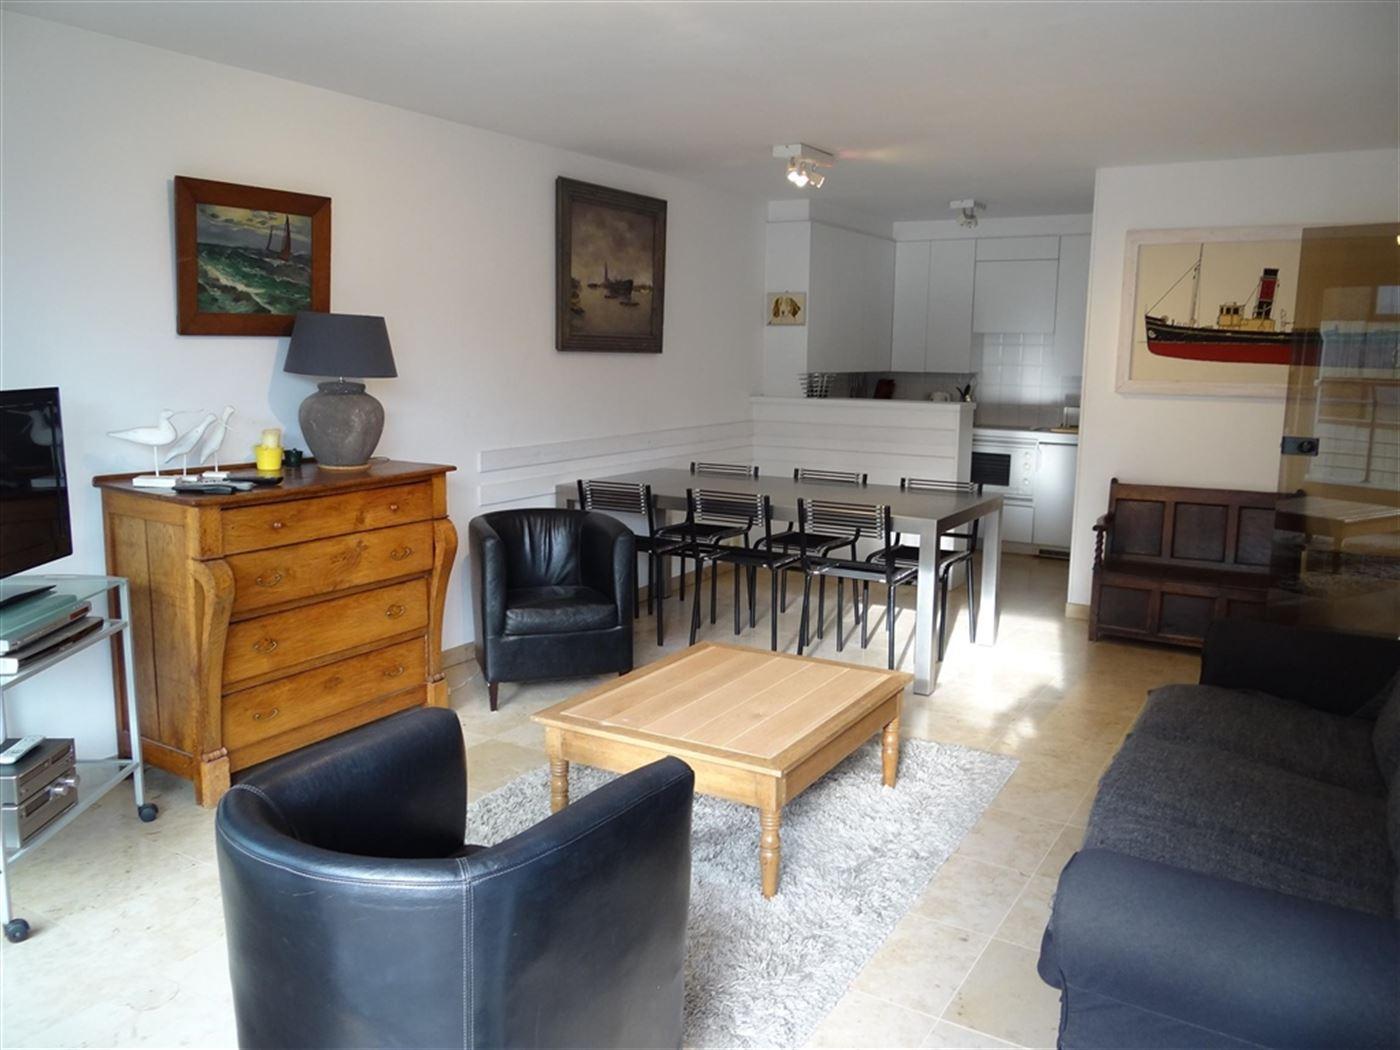 TE HUUR OP JAARBASIS - zongericht appartement met zijdelings zeezicht - ingerichte open keuken met frigo, vaatwas, combi microgolfoven en elektrisch f...